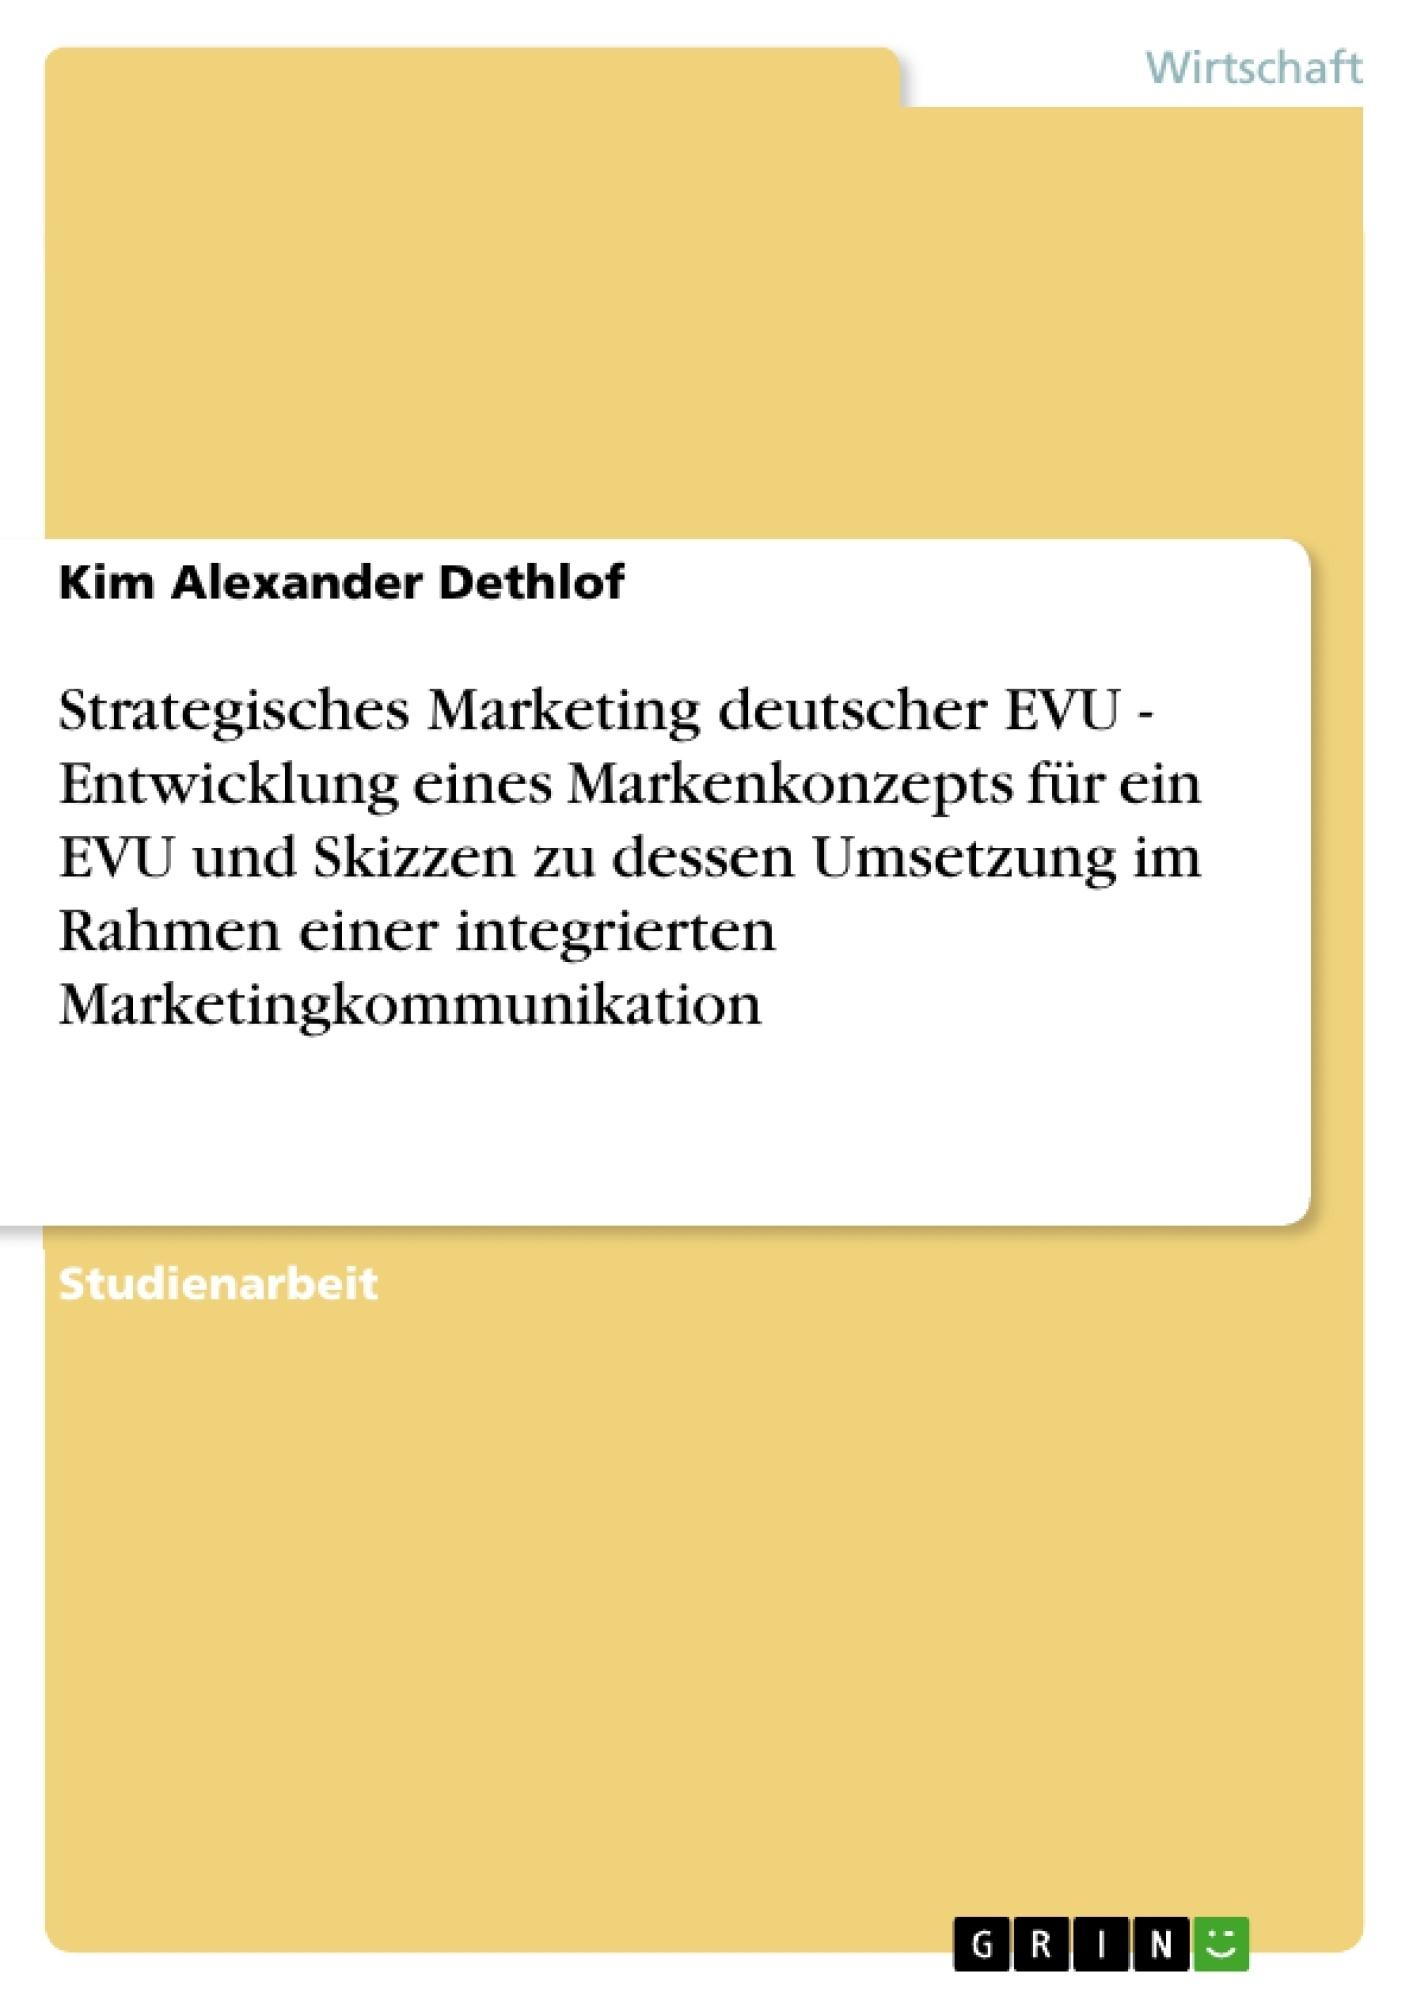 Titel: Strategisches Marketing deutscher EVU - Entwicklung eines Markenkonzepts für ein EVU und Skizzen zu dessen Umsetzung im Rahmen einer integrierten Marketingkommunikation